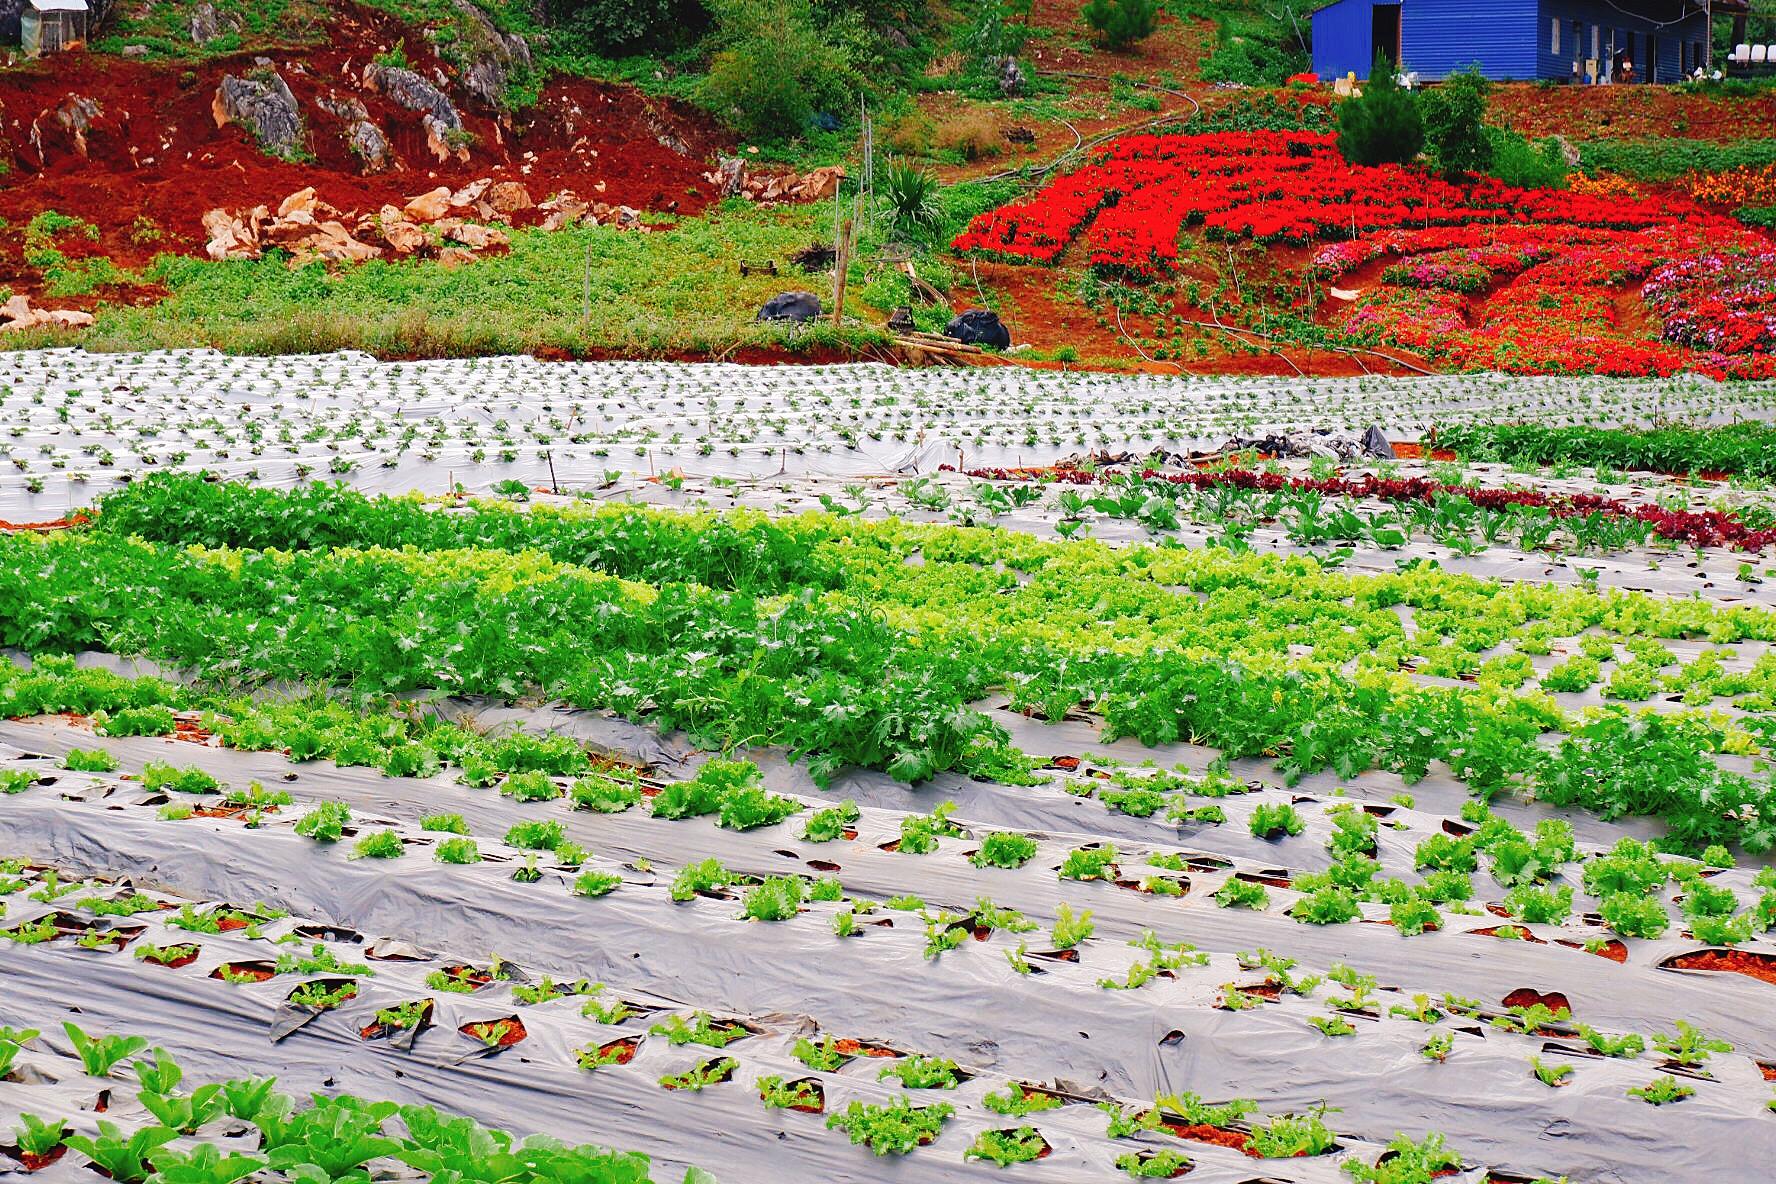 Vườn rau xanh mướt của Chimi